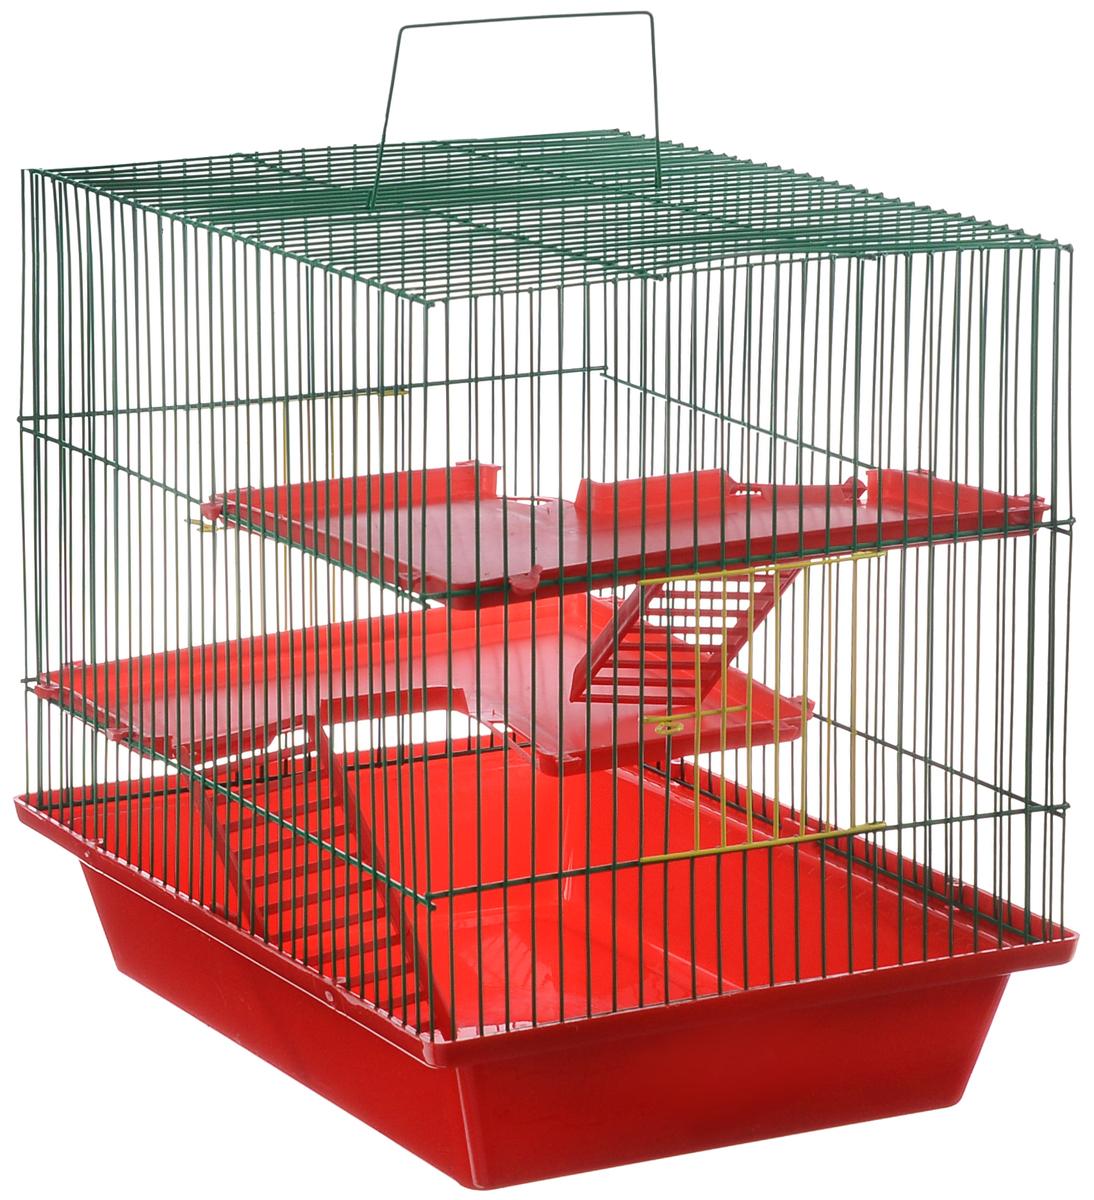 Клетка для грызунов ЗооМарк Гризли, 3-этажная, цвет: красный поддон, зеленая решетка, красные этажи, 41 х 30 х 36 см0120710Клетка ЗооМарк Гризли, выполненная из полипропилена и металла, подходит для мелких грызунов. Изделие трехэтажное. Клетка имеет яркий поддон, удобна в использовании и легко чистится. Сверху имеется ручка для переноски.Такая клетка станет уединенным личным пространством и уютным домиком для маленького грызуна.